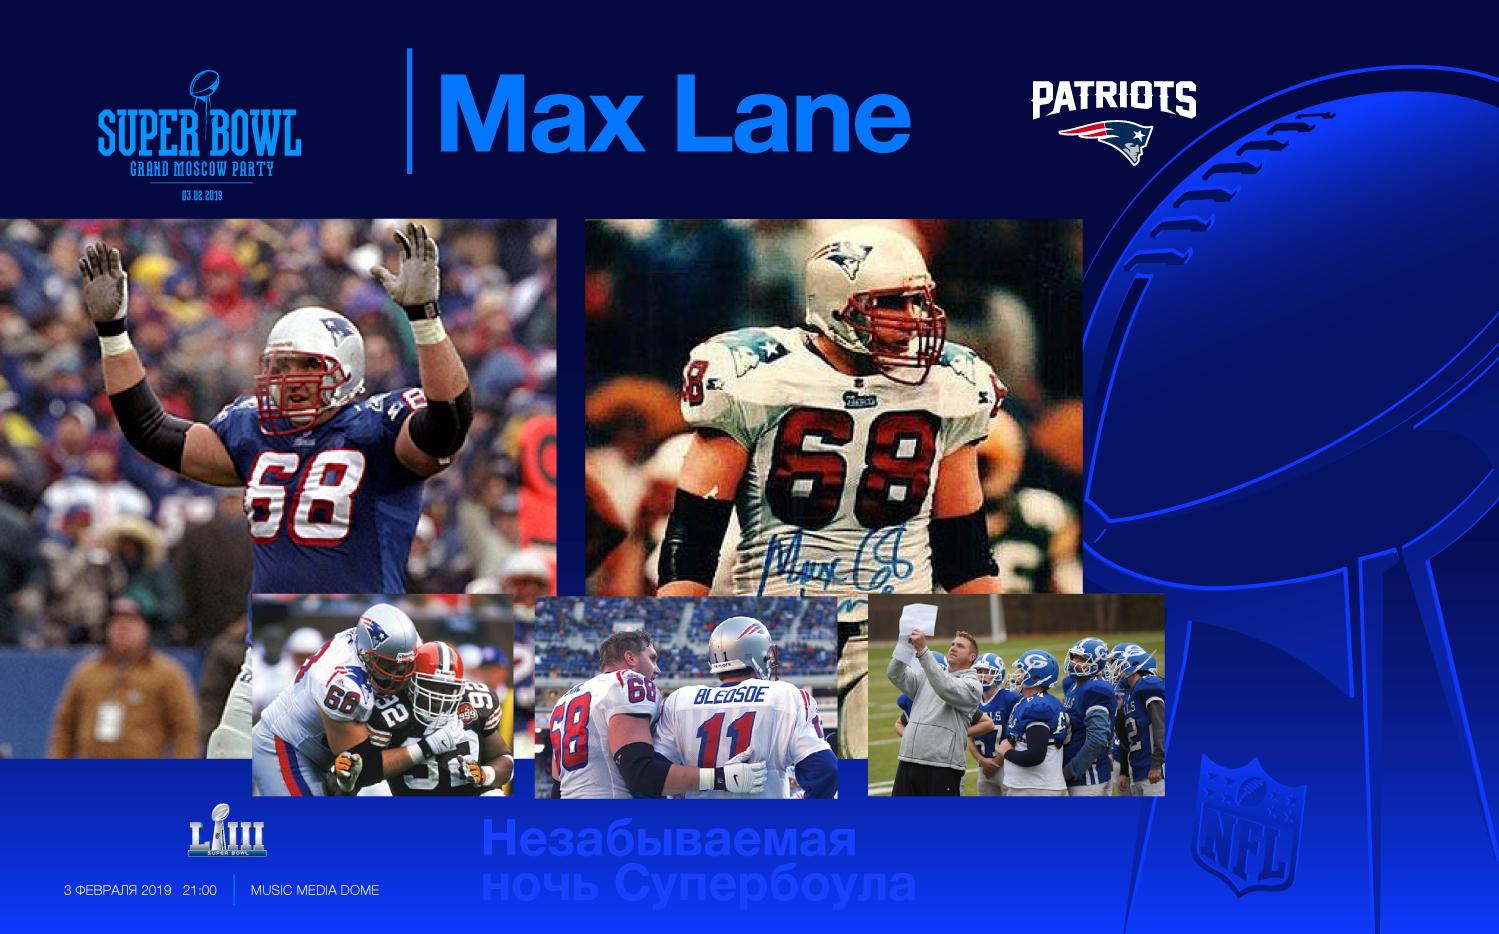 Max-Lane-02.jpg